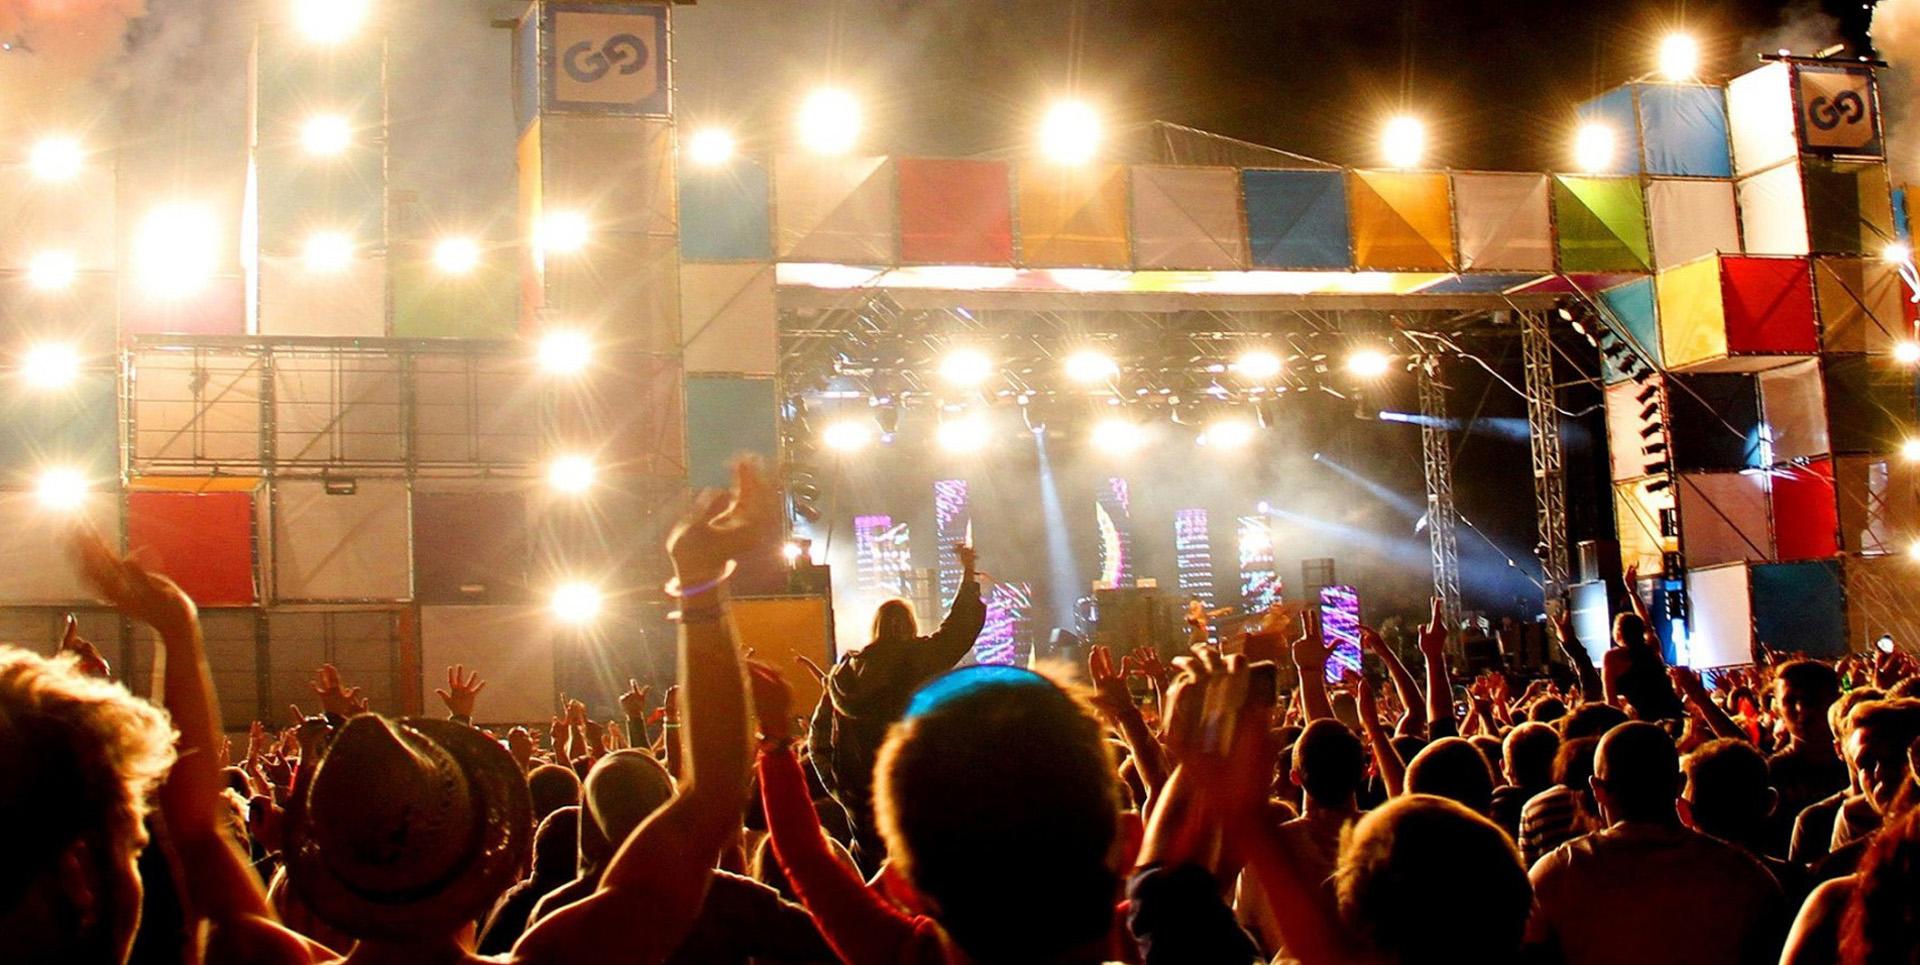 music_festival_slide